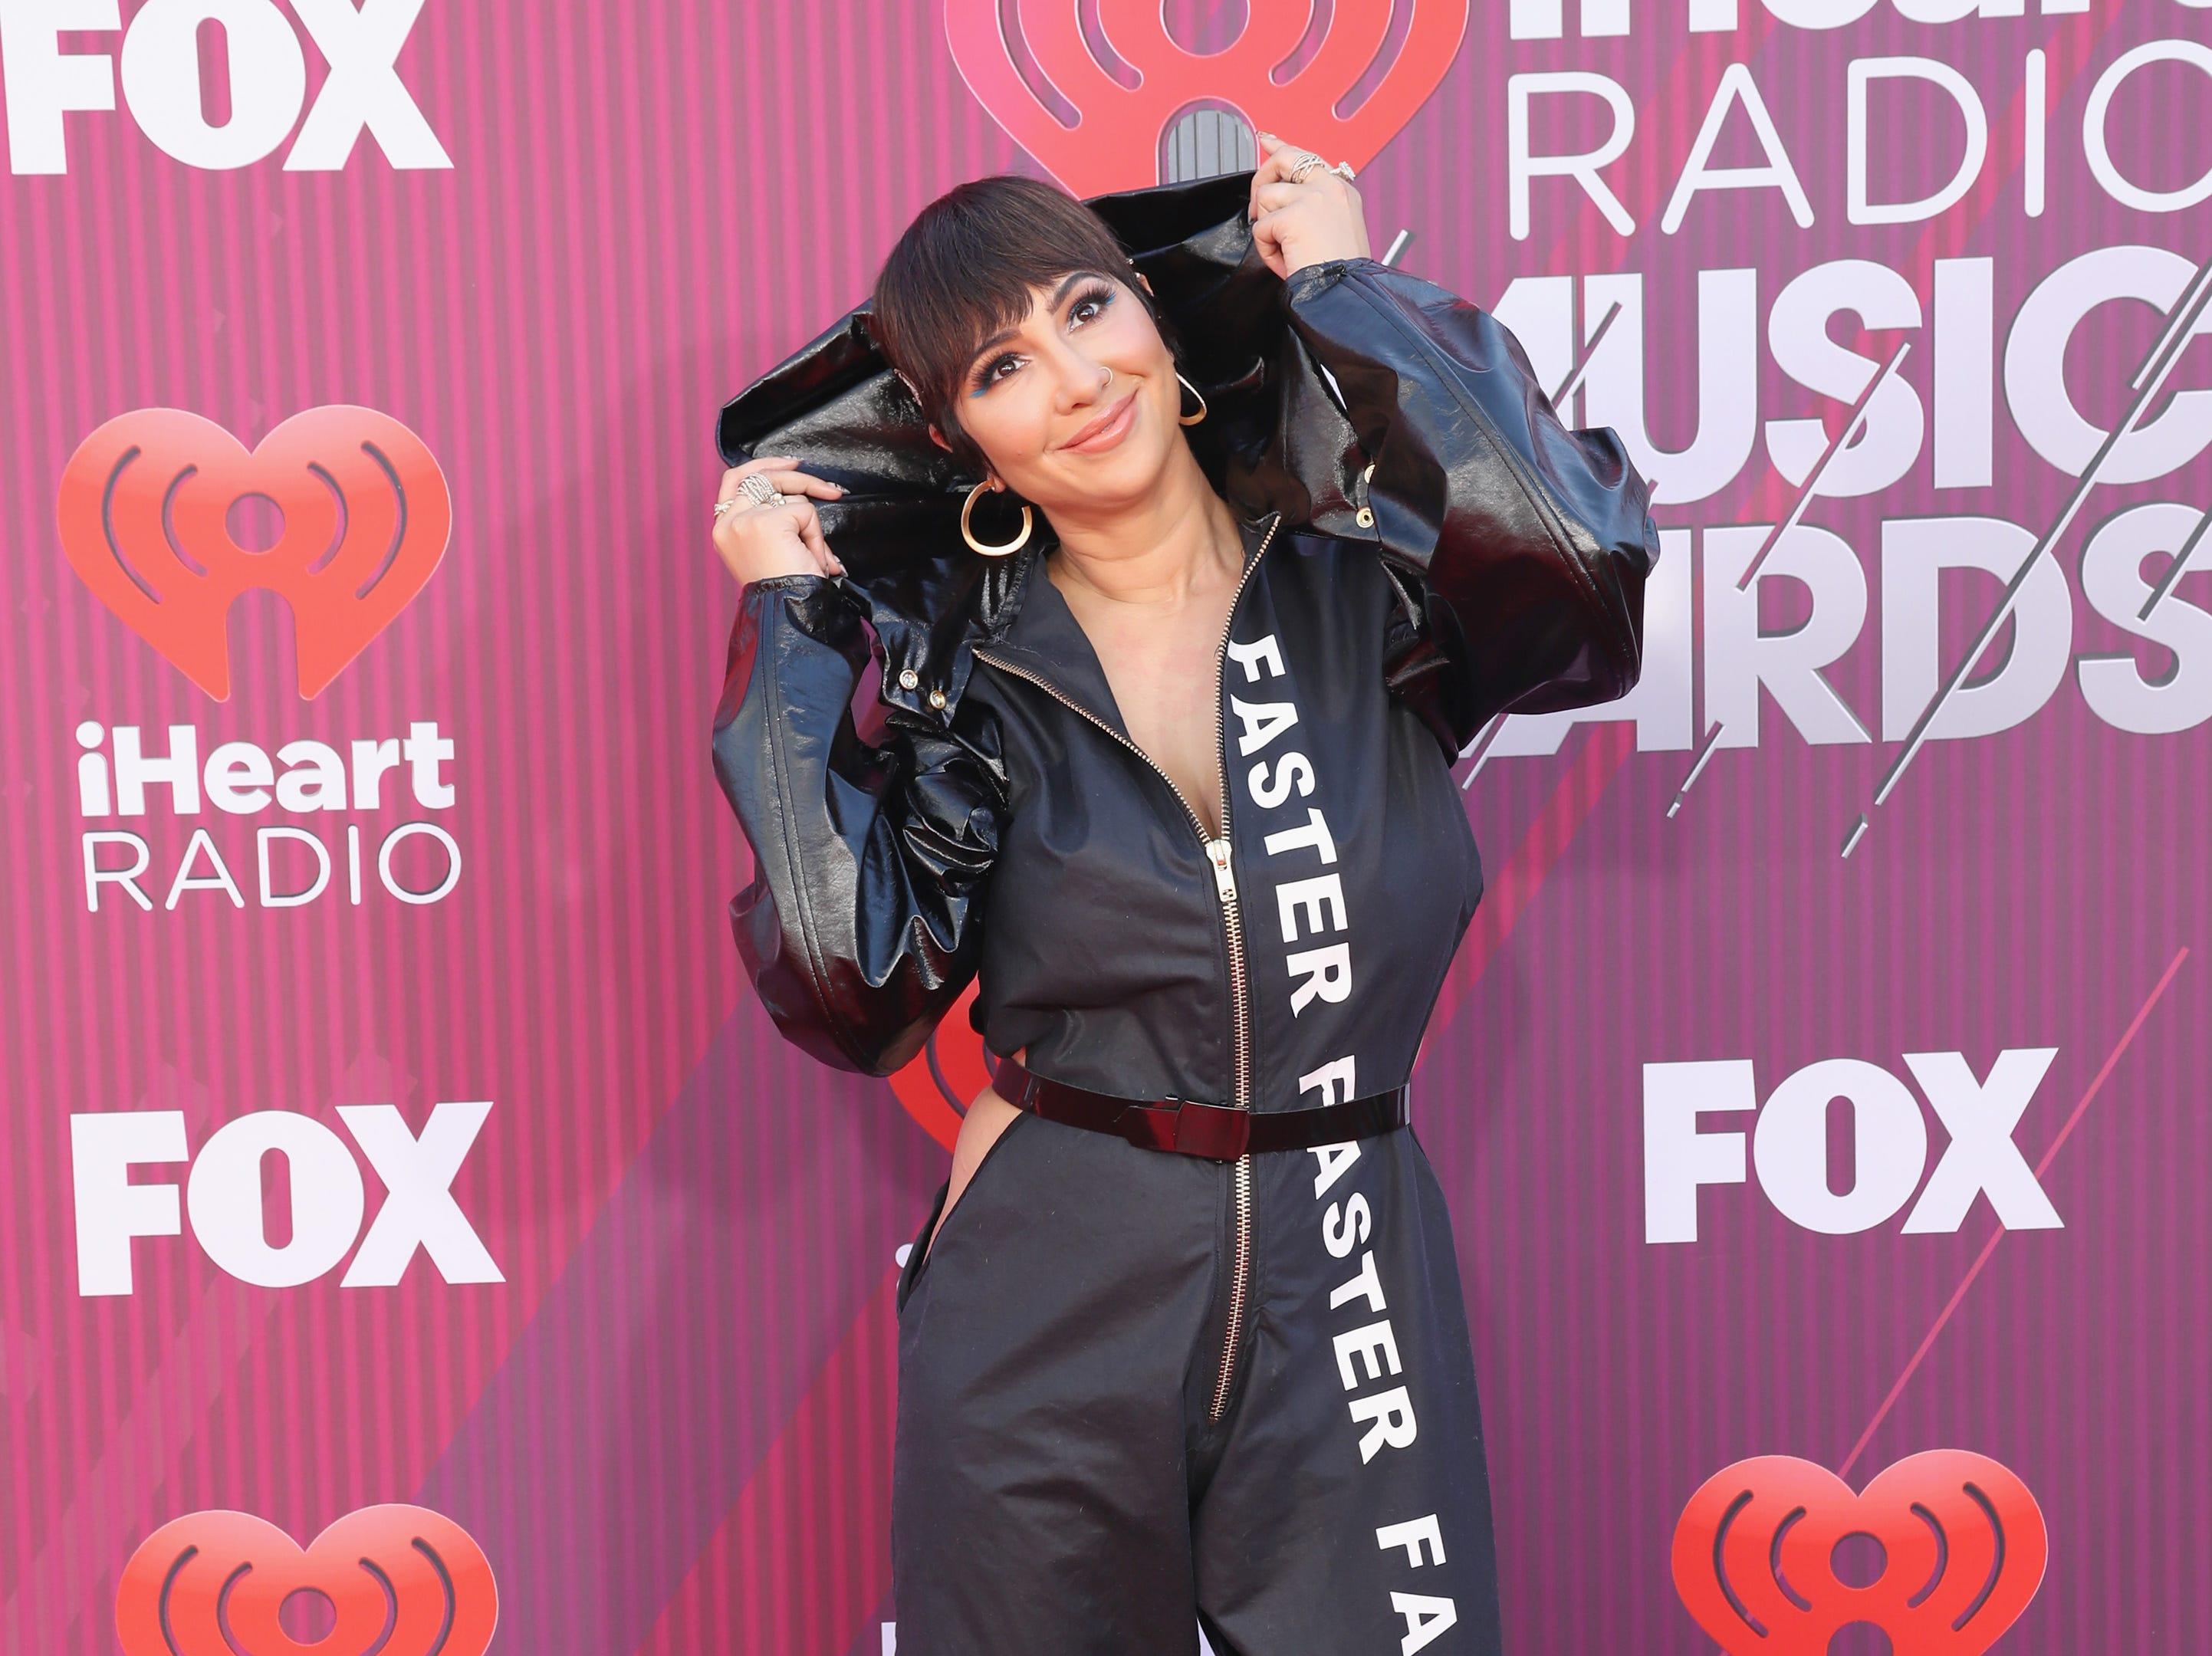 Jackie Cruz a su llegada a los premios iHeart Radio Music Awards en 2019 el 14 de marzo de 2019 en Los Angeles, California.